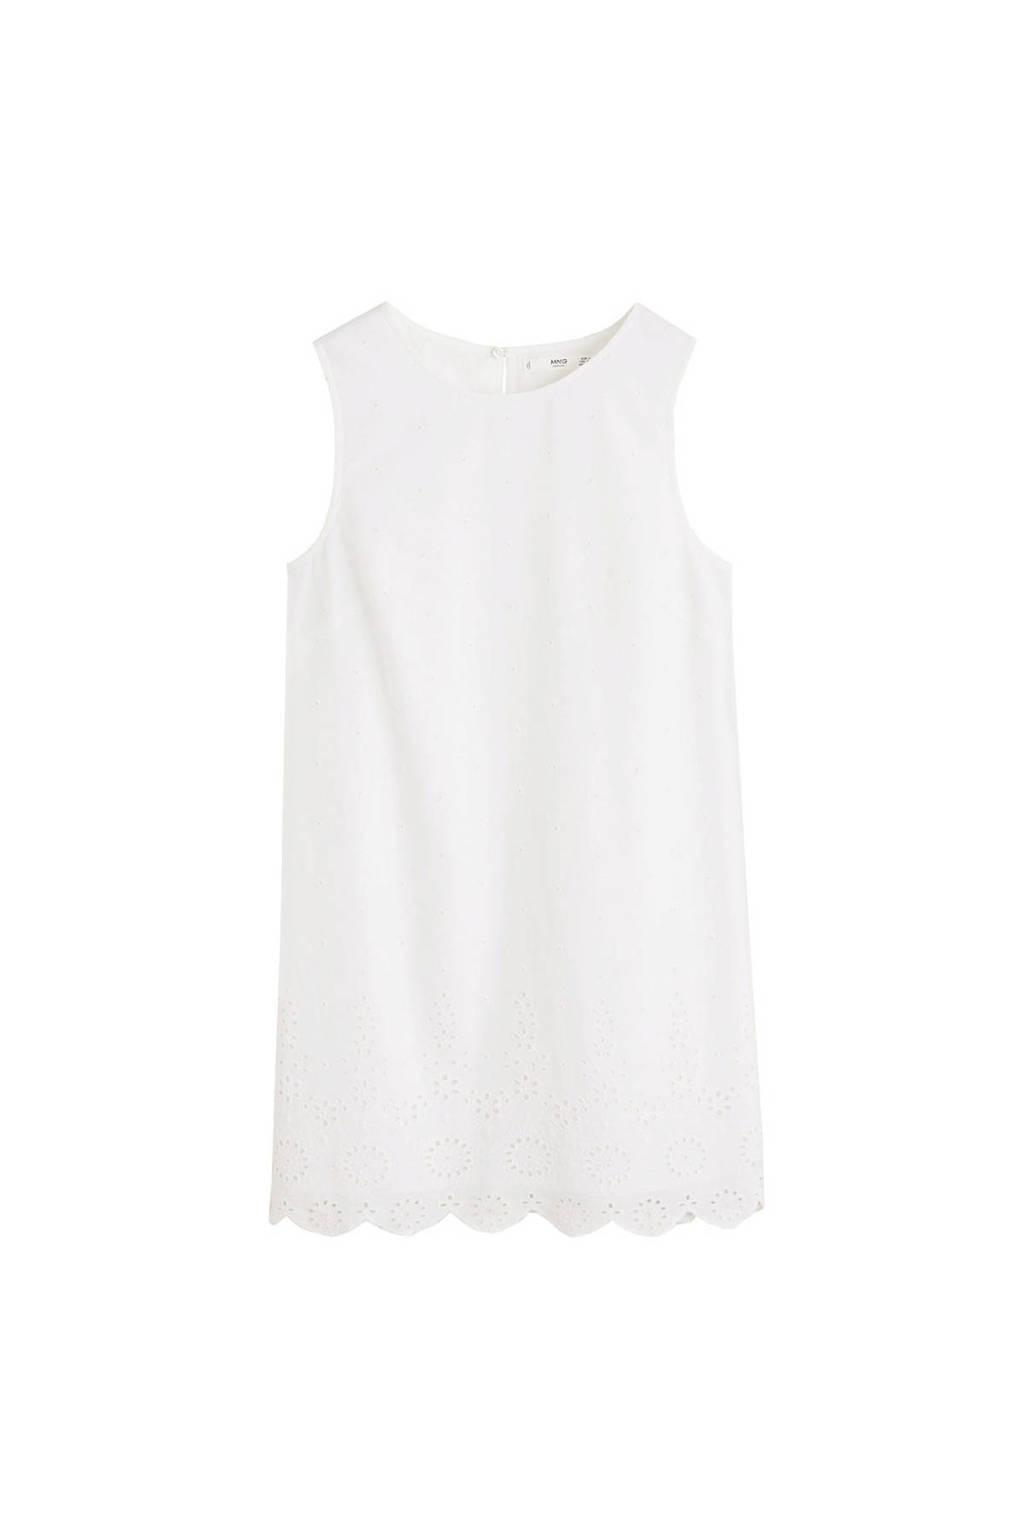 Mango broderie jurk wit, Wit